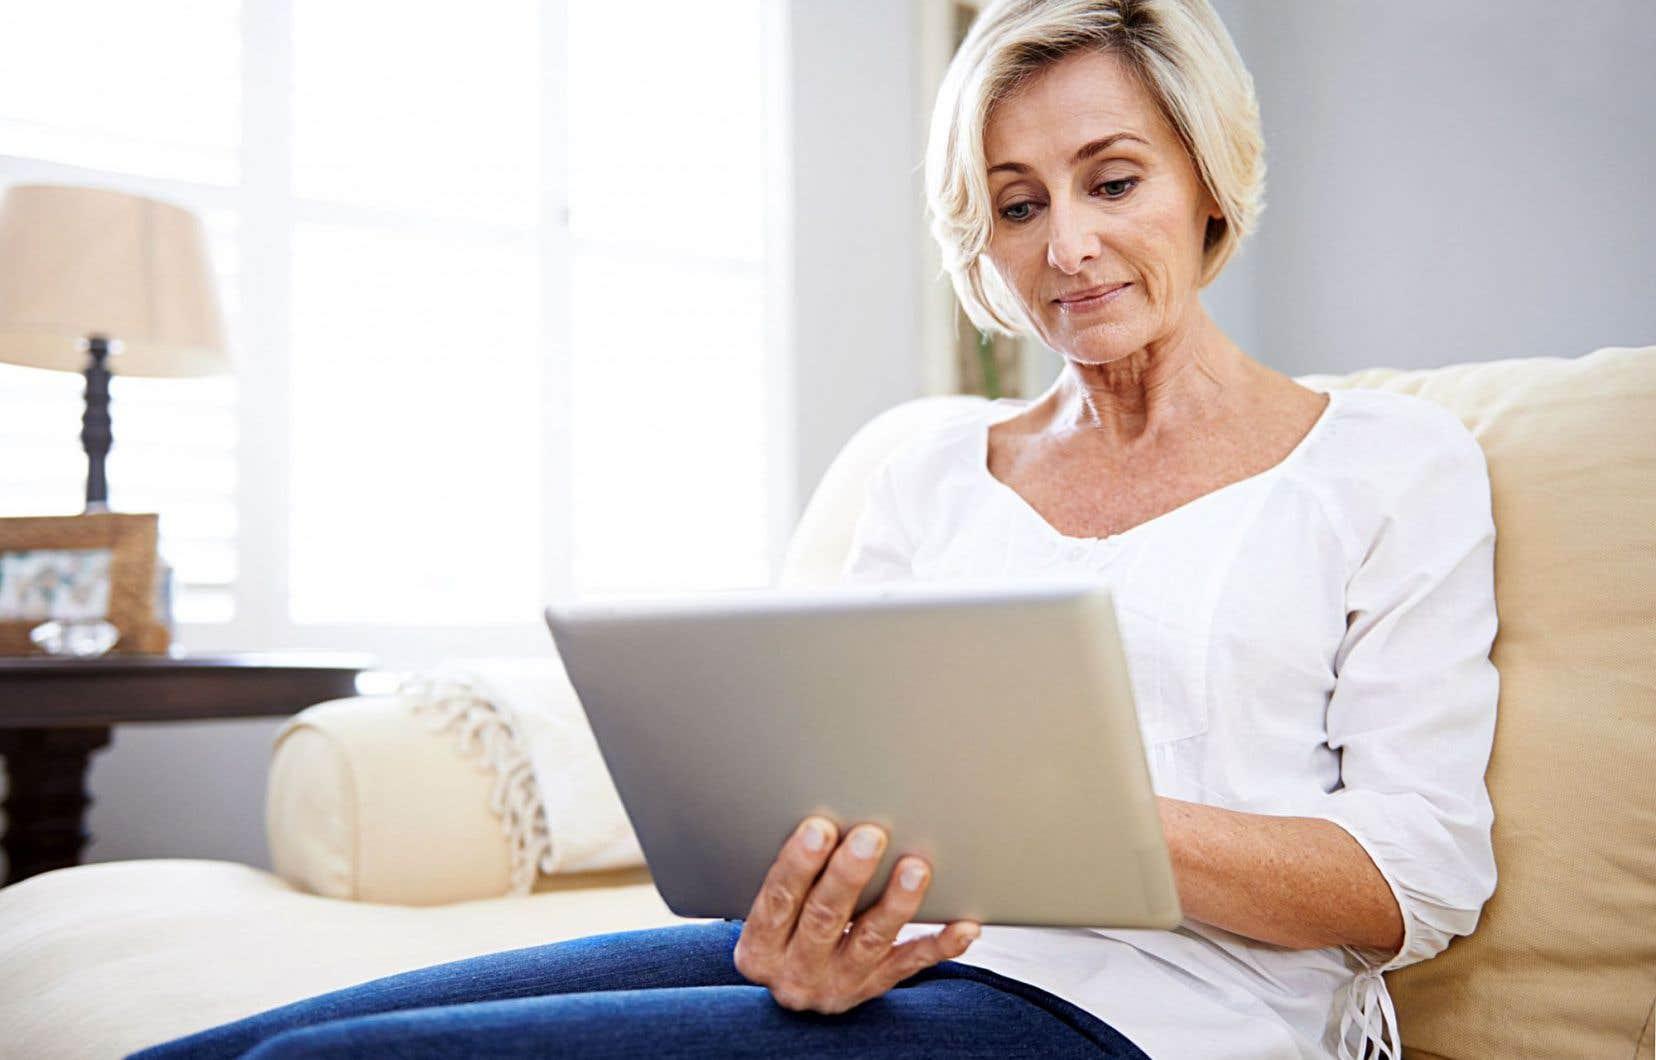 Les outils numériques sont utilisés par moins de 10% des professionnels de la santé et des relations humaines pour réaliser des interventions à distance auprès de clients ou de patients. C'est ce qu'a révélé cette semaine un sondage réalisé par le Conseil interprofessionnel du Québec (CIQ) et le CEFRIO auprès de 3784 professionnels membres d'une douzaine d'ordres professionnels différents.